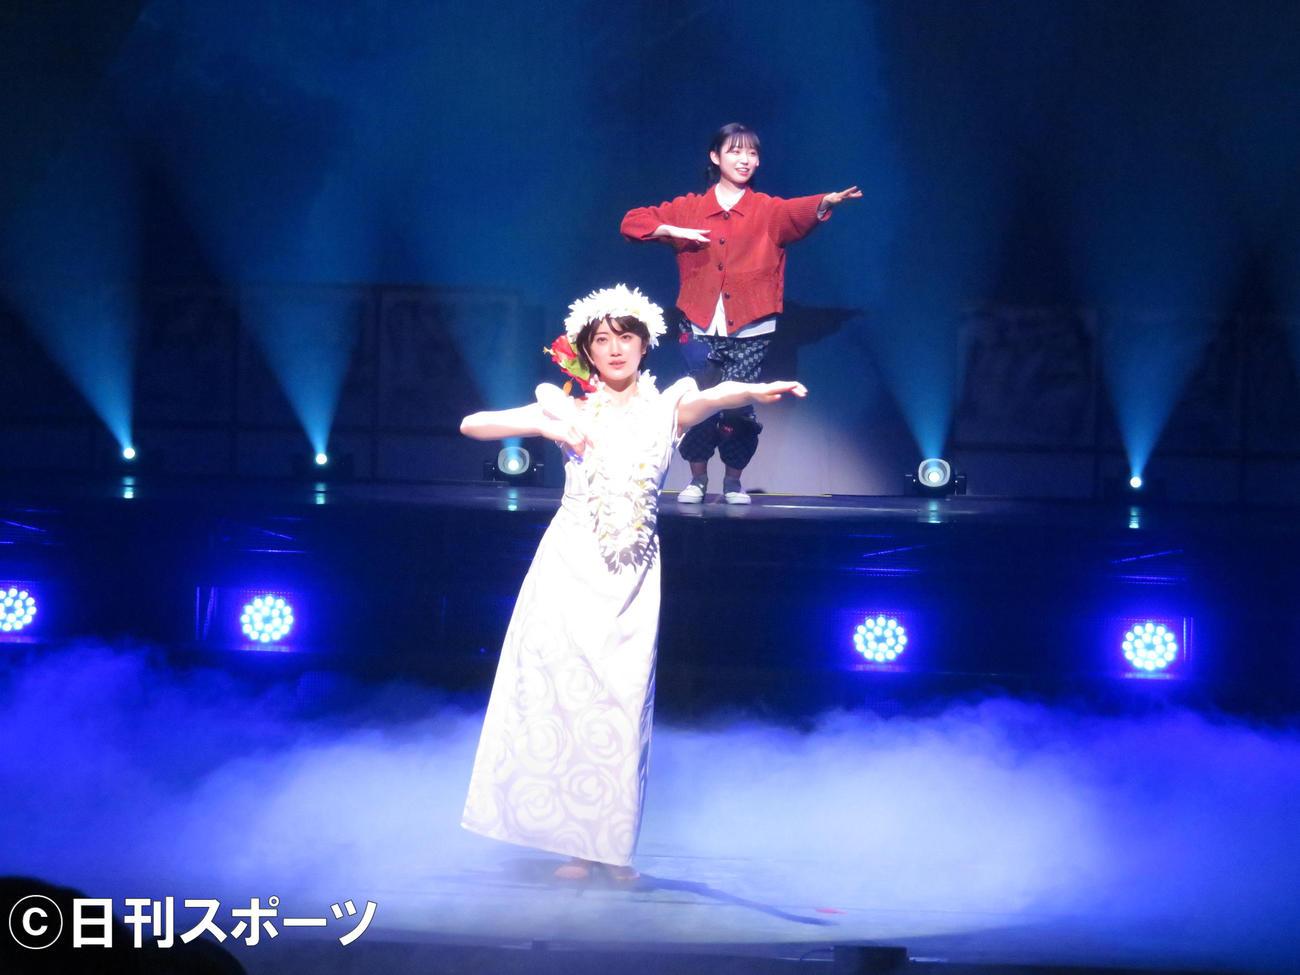 主演舞台「フラガール -dance for smile-」でフラダンスを披露する樋口日奈(手前)。後方は山内瑞葵